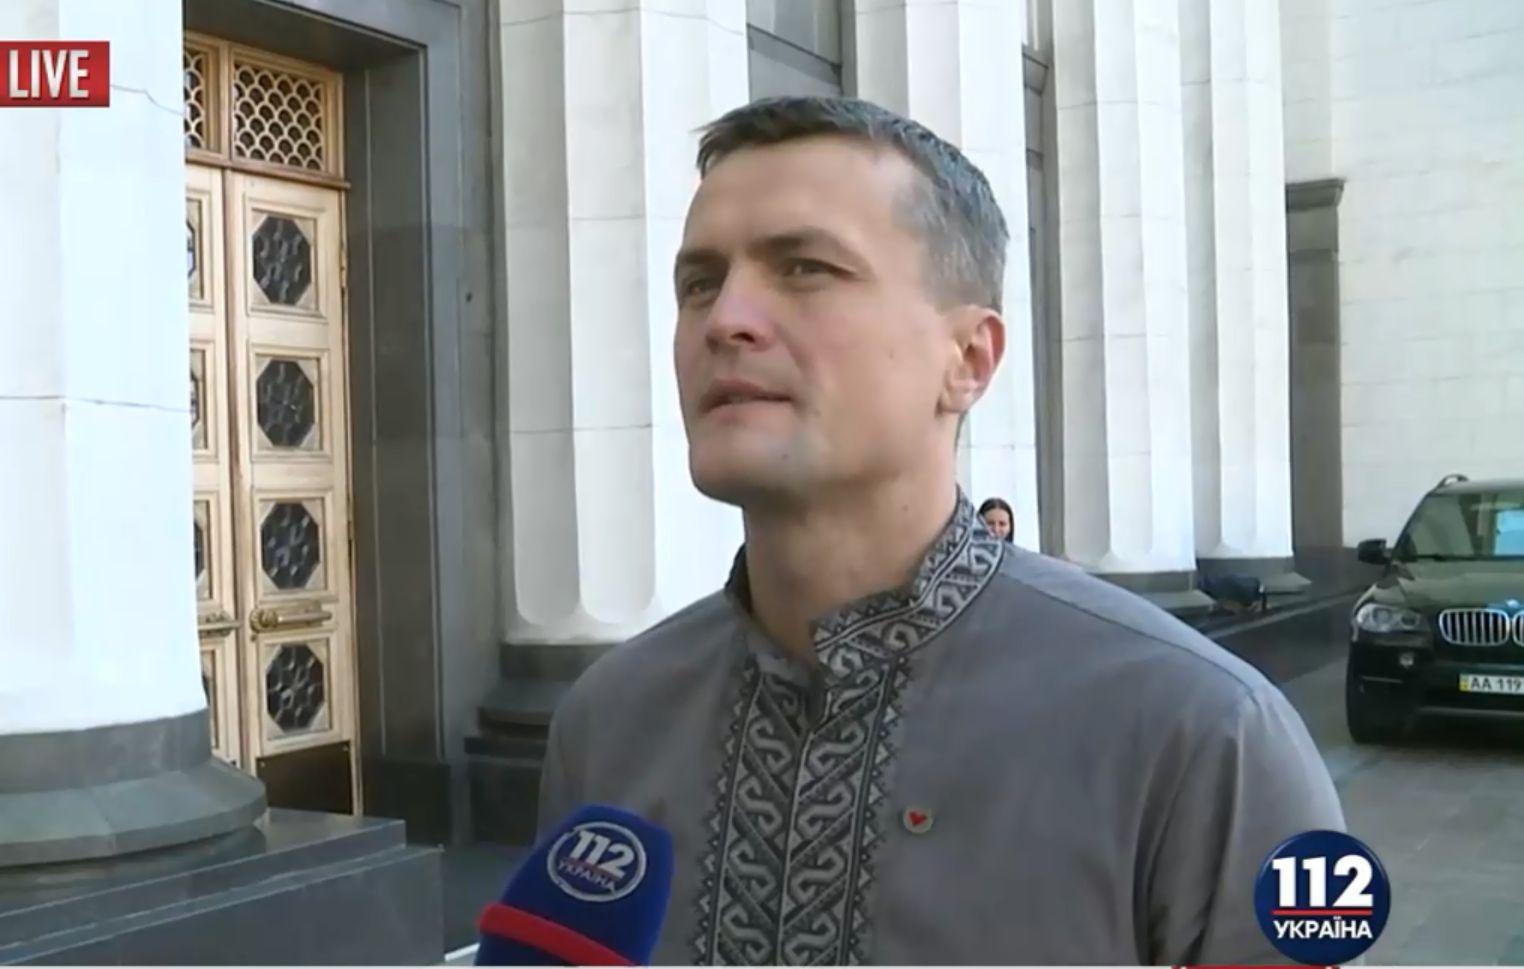 Вляпался по самые уши: нардеп Луценко попал в скандал из-за ресторана (ФОТО)